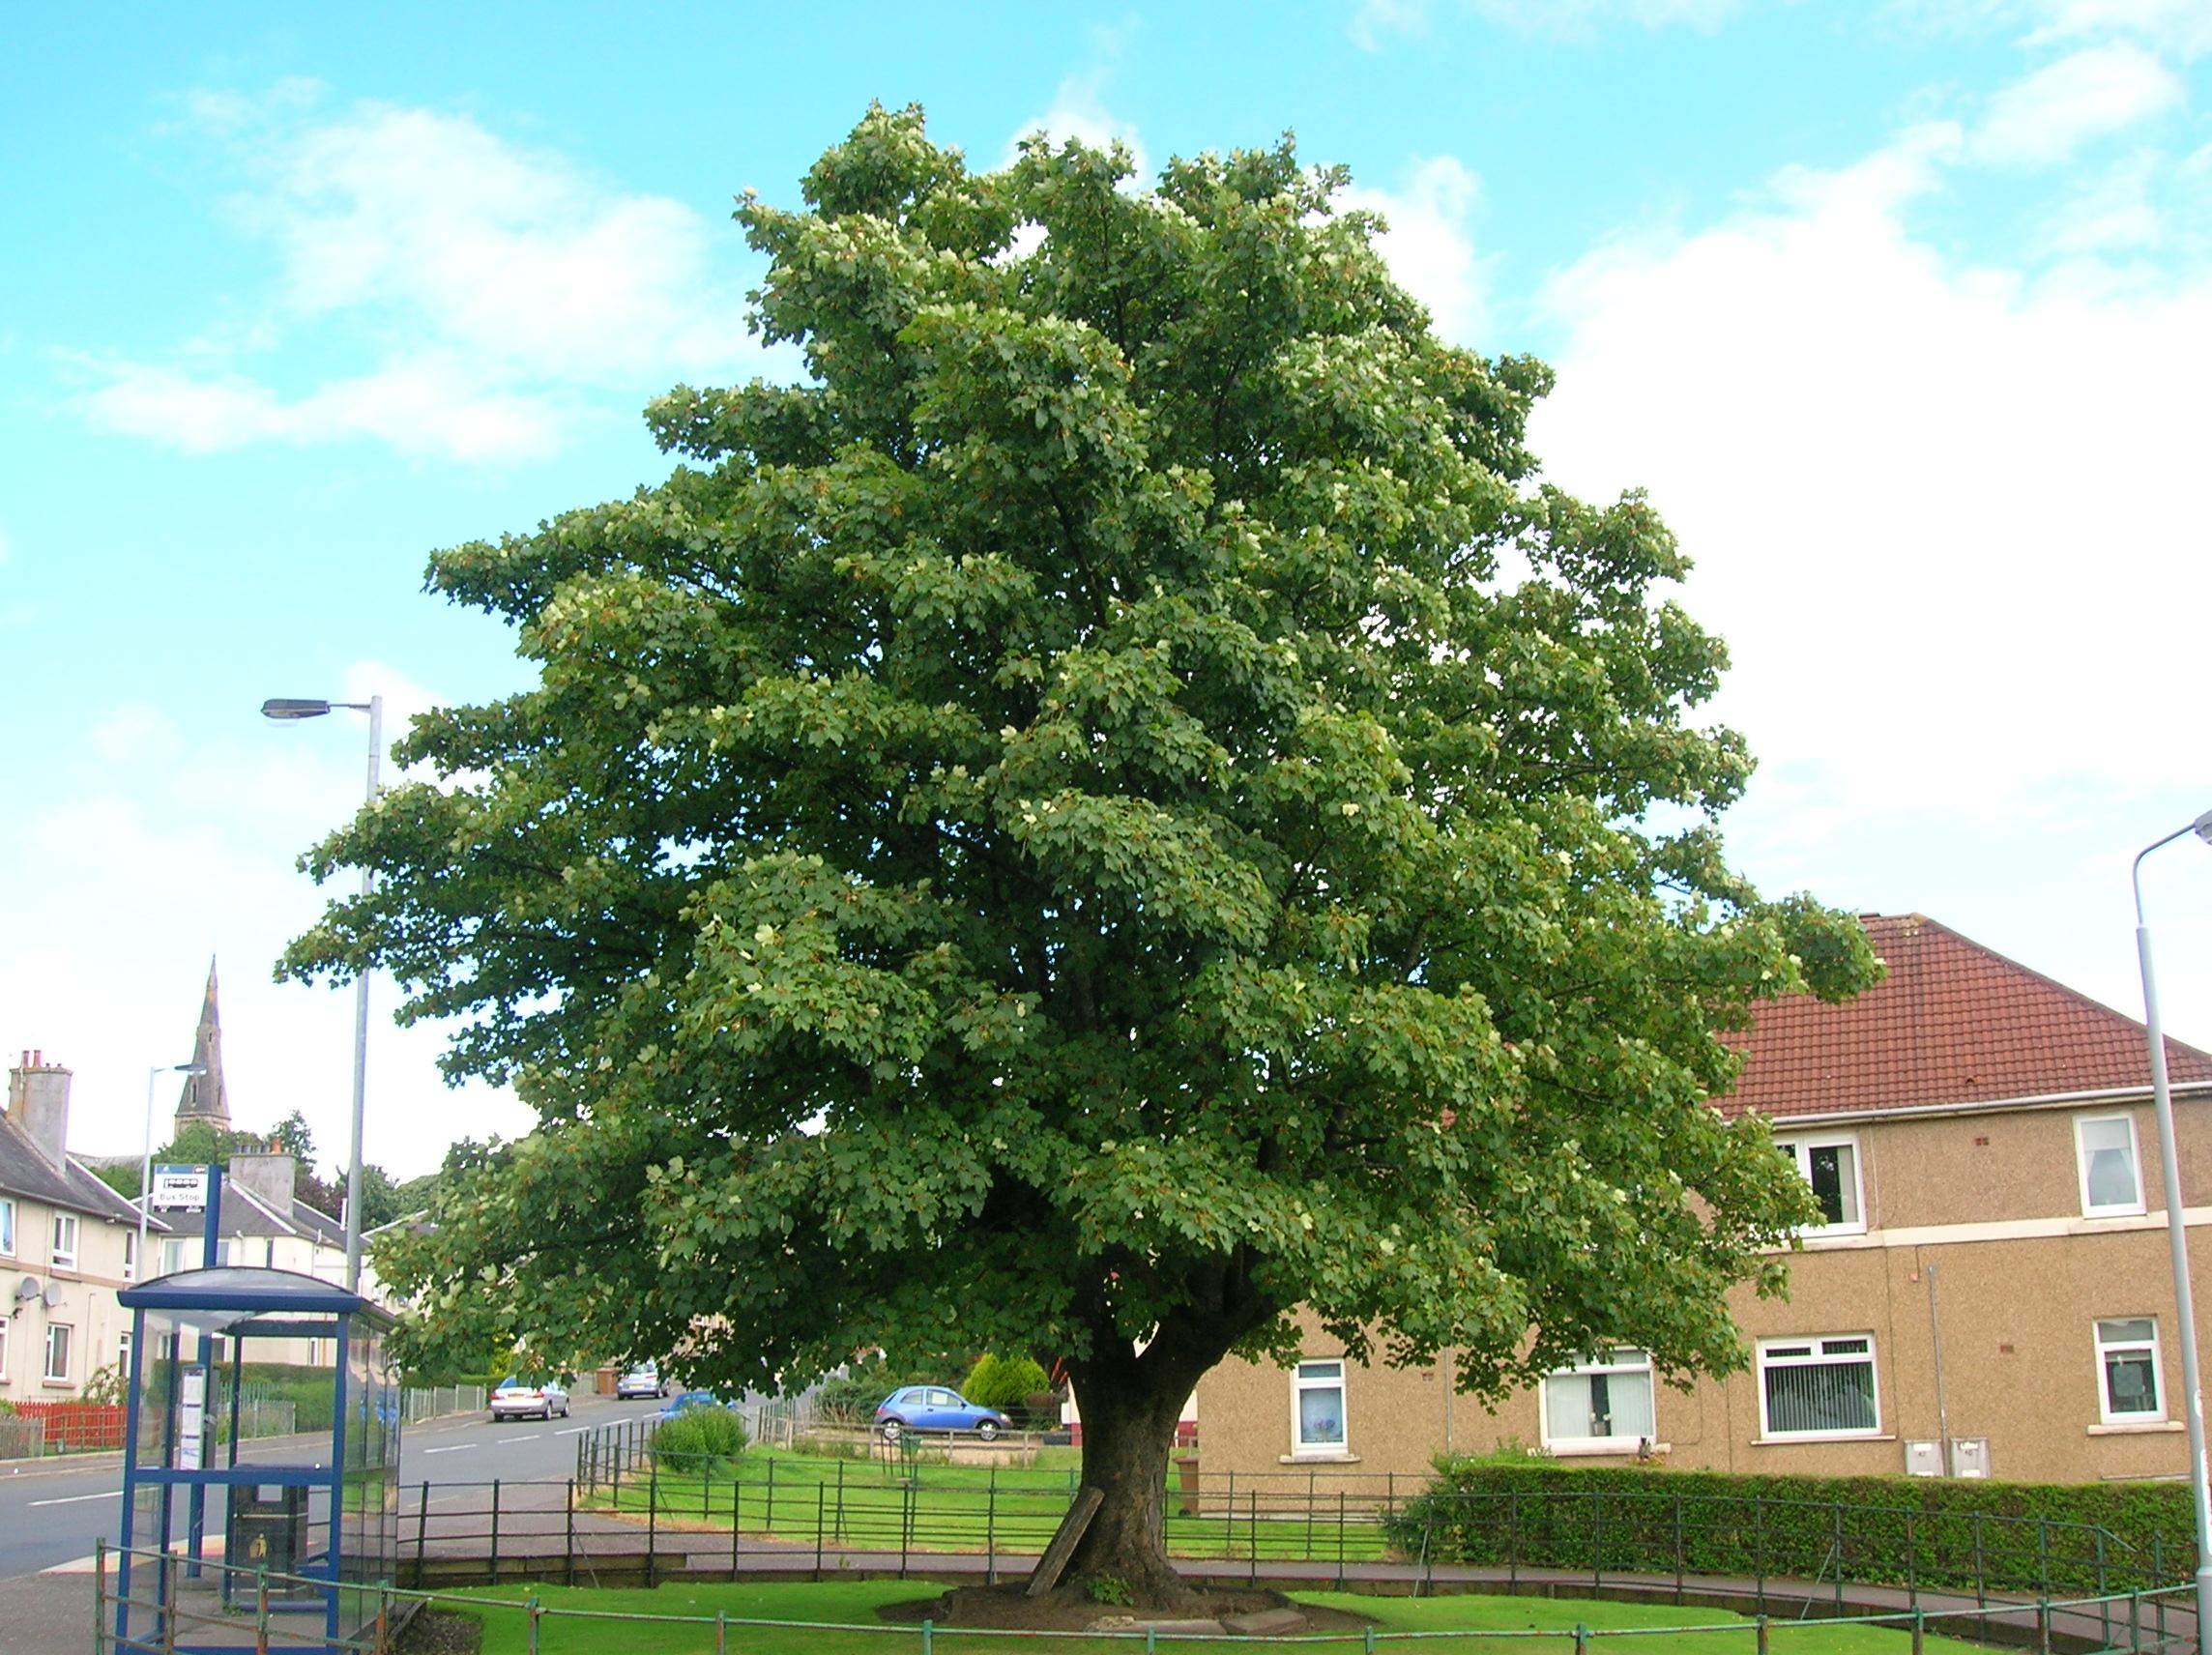 Dalry Sycamore Tree Ayrshire